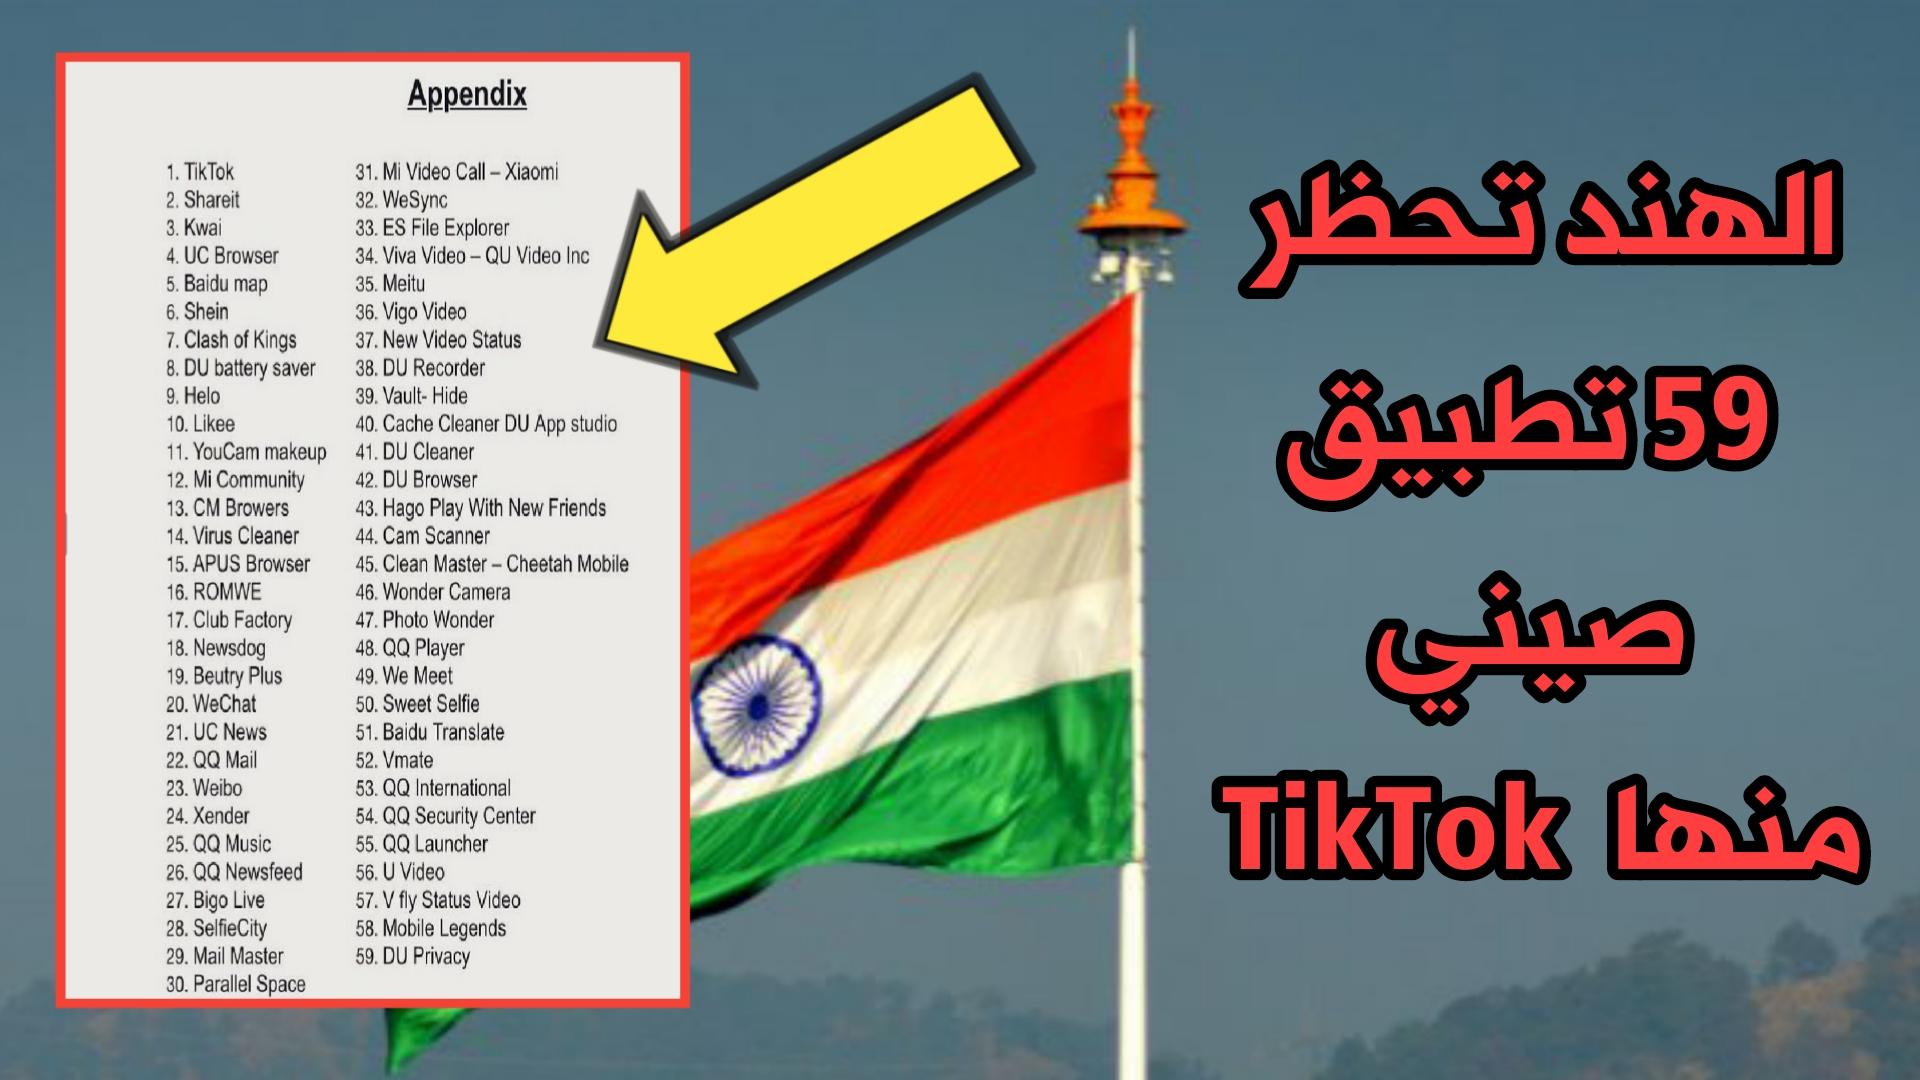 """الحكومة في الهند تحظر 59 تطبيق صيني منها TikTok و Helo ! وشركة شومي تضع عبارة """"صنع في الهند"""""""